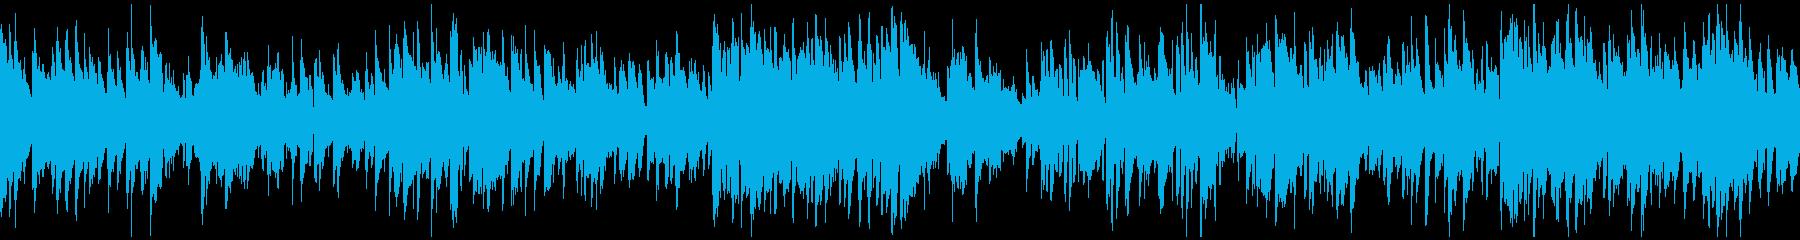 クールでかっこいい系のボサノバ※ループ版の再生済みの波形